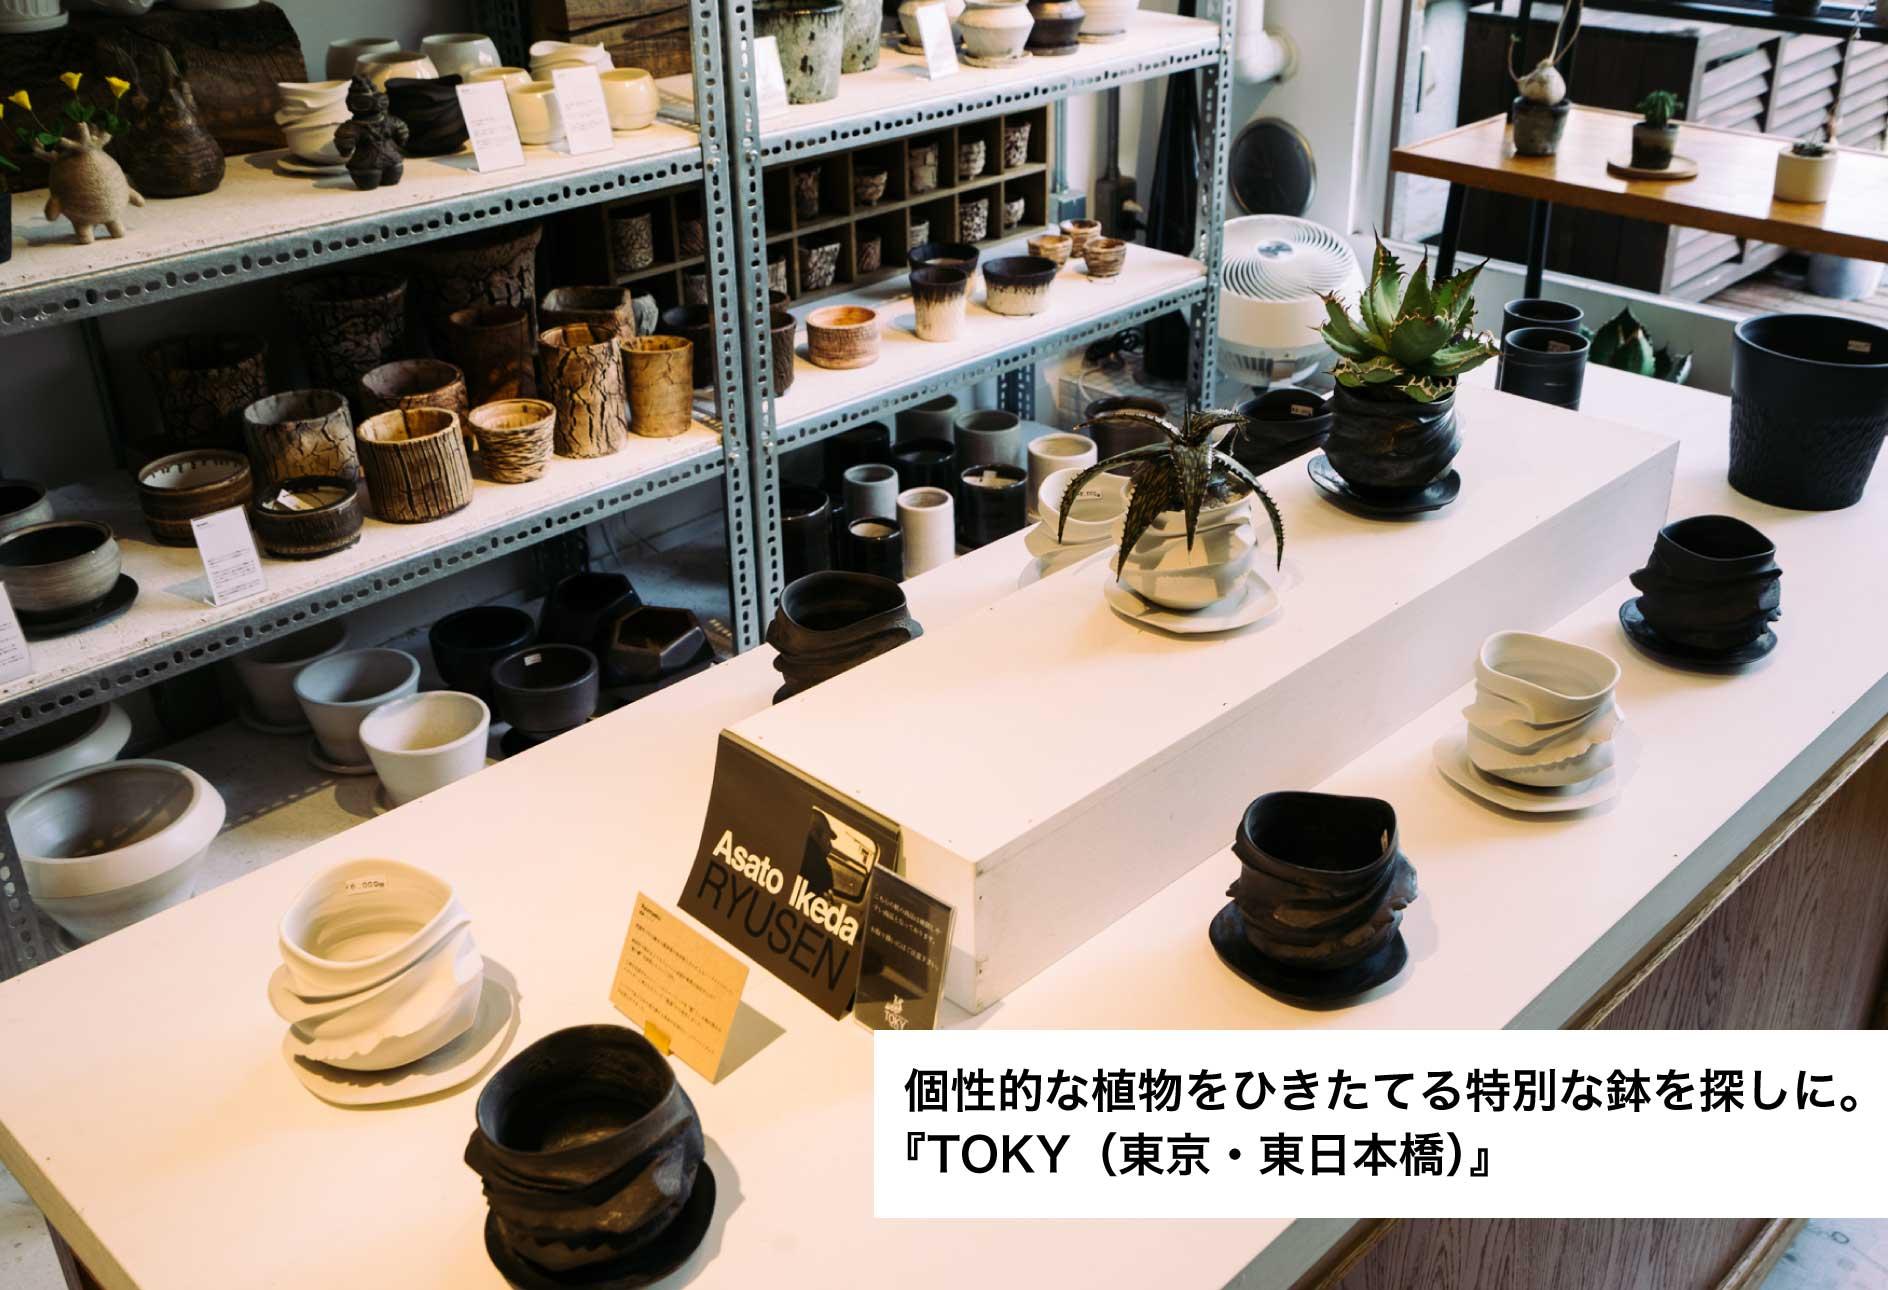 個性的な植物をひきたてる特別な鉢を探しに。『TOKY(東京・東日本橋)』